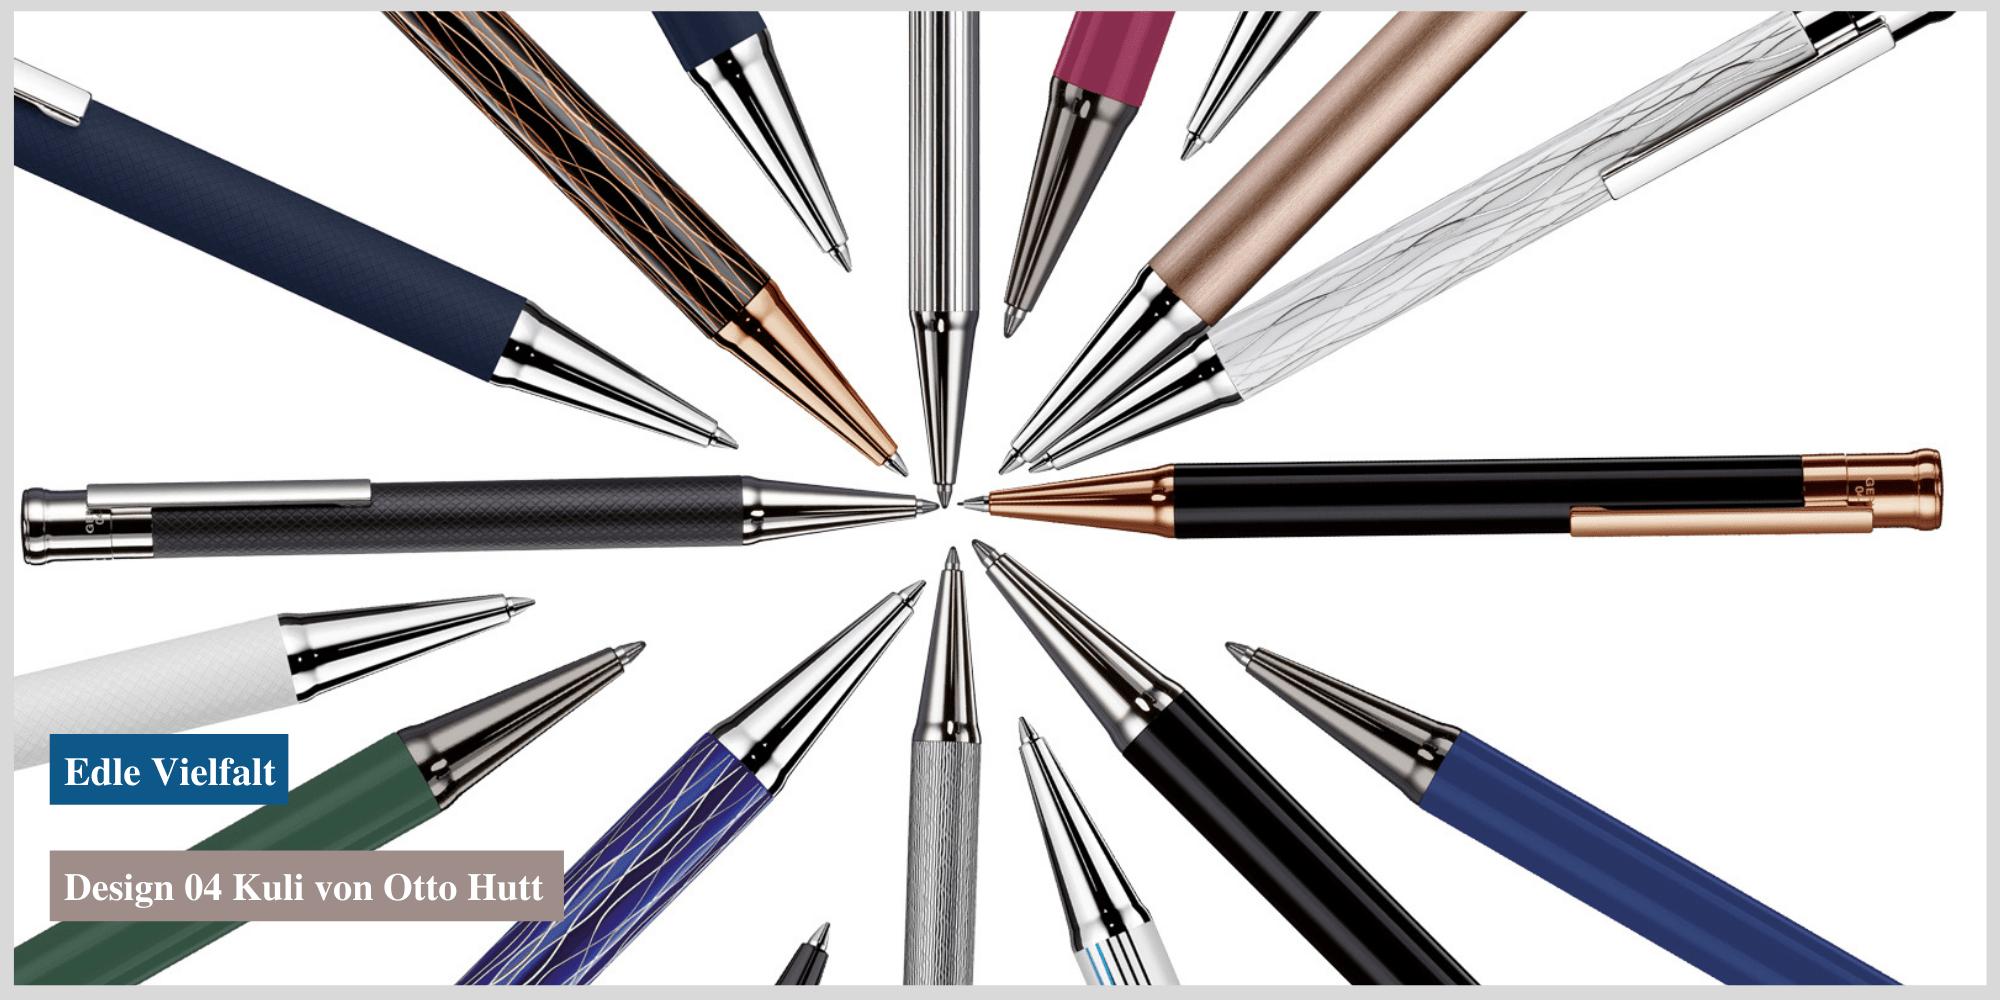 Ein stilvoller Schreibbegleiter: der Kugelschreiber Design 04 von Otto Hutt jetzt in Köln erhältlich.